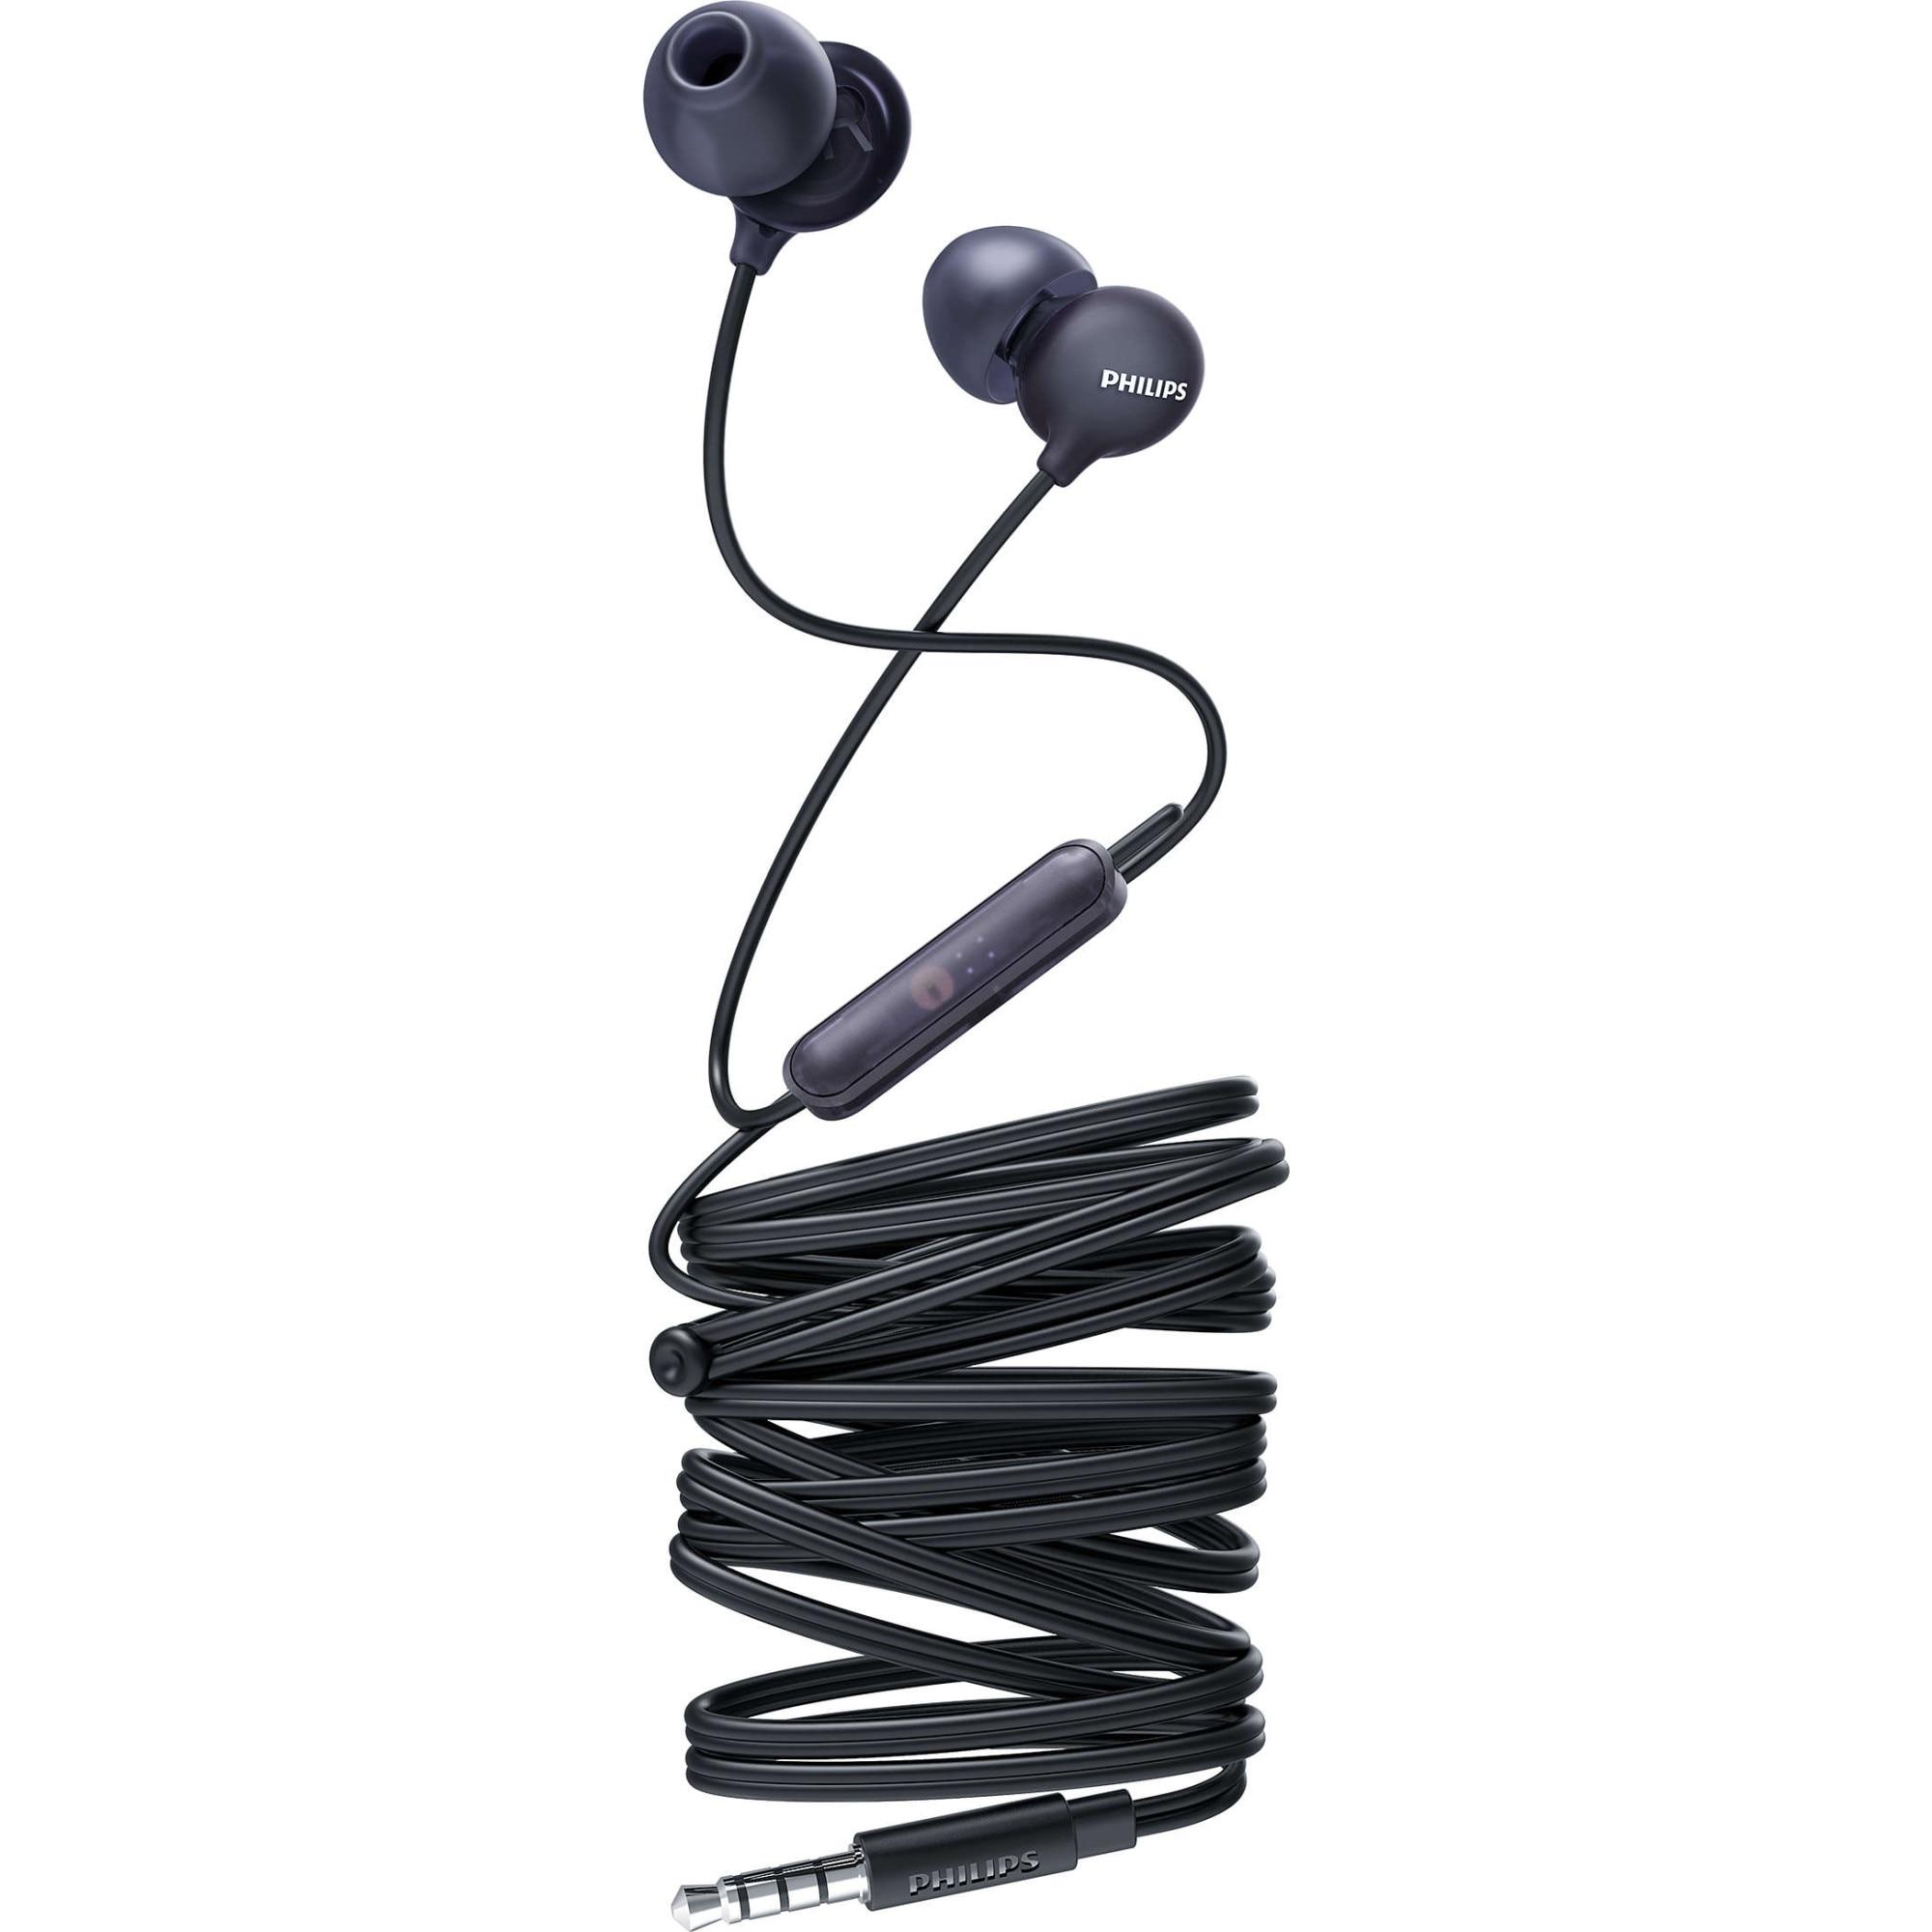 Fotografie Casti Audio In-Ear Philips, SHE2405BK/00, cu fir, Microfon, Negru